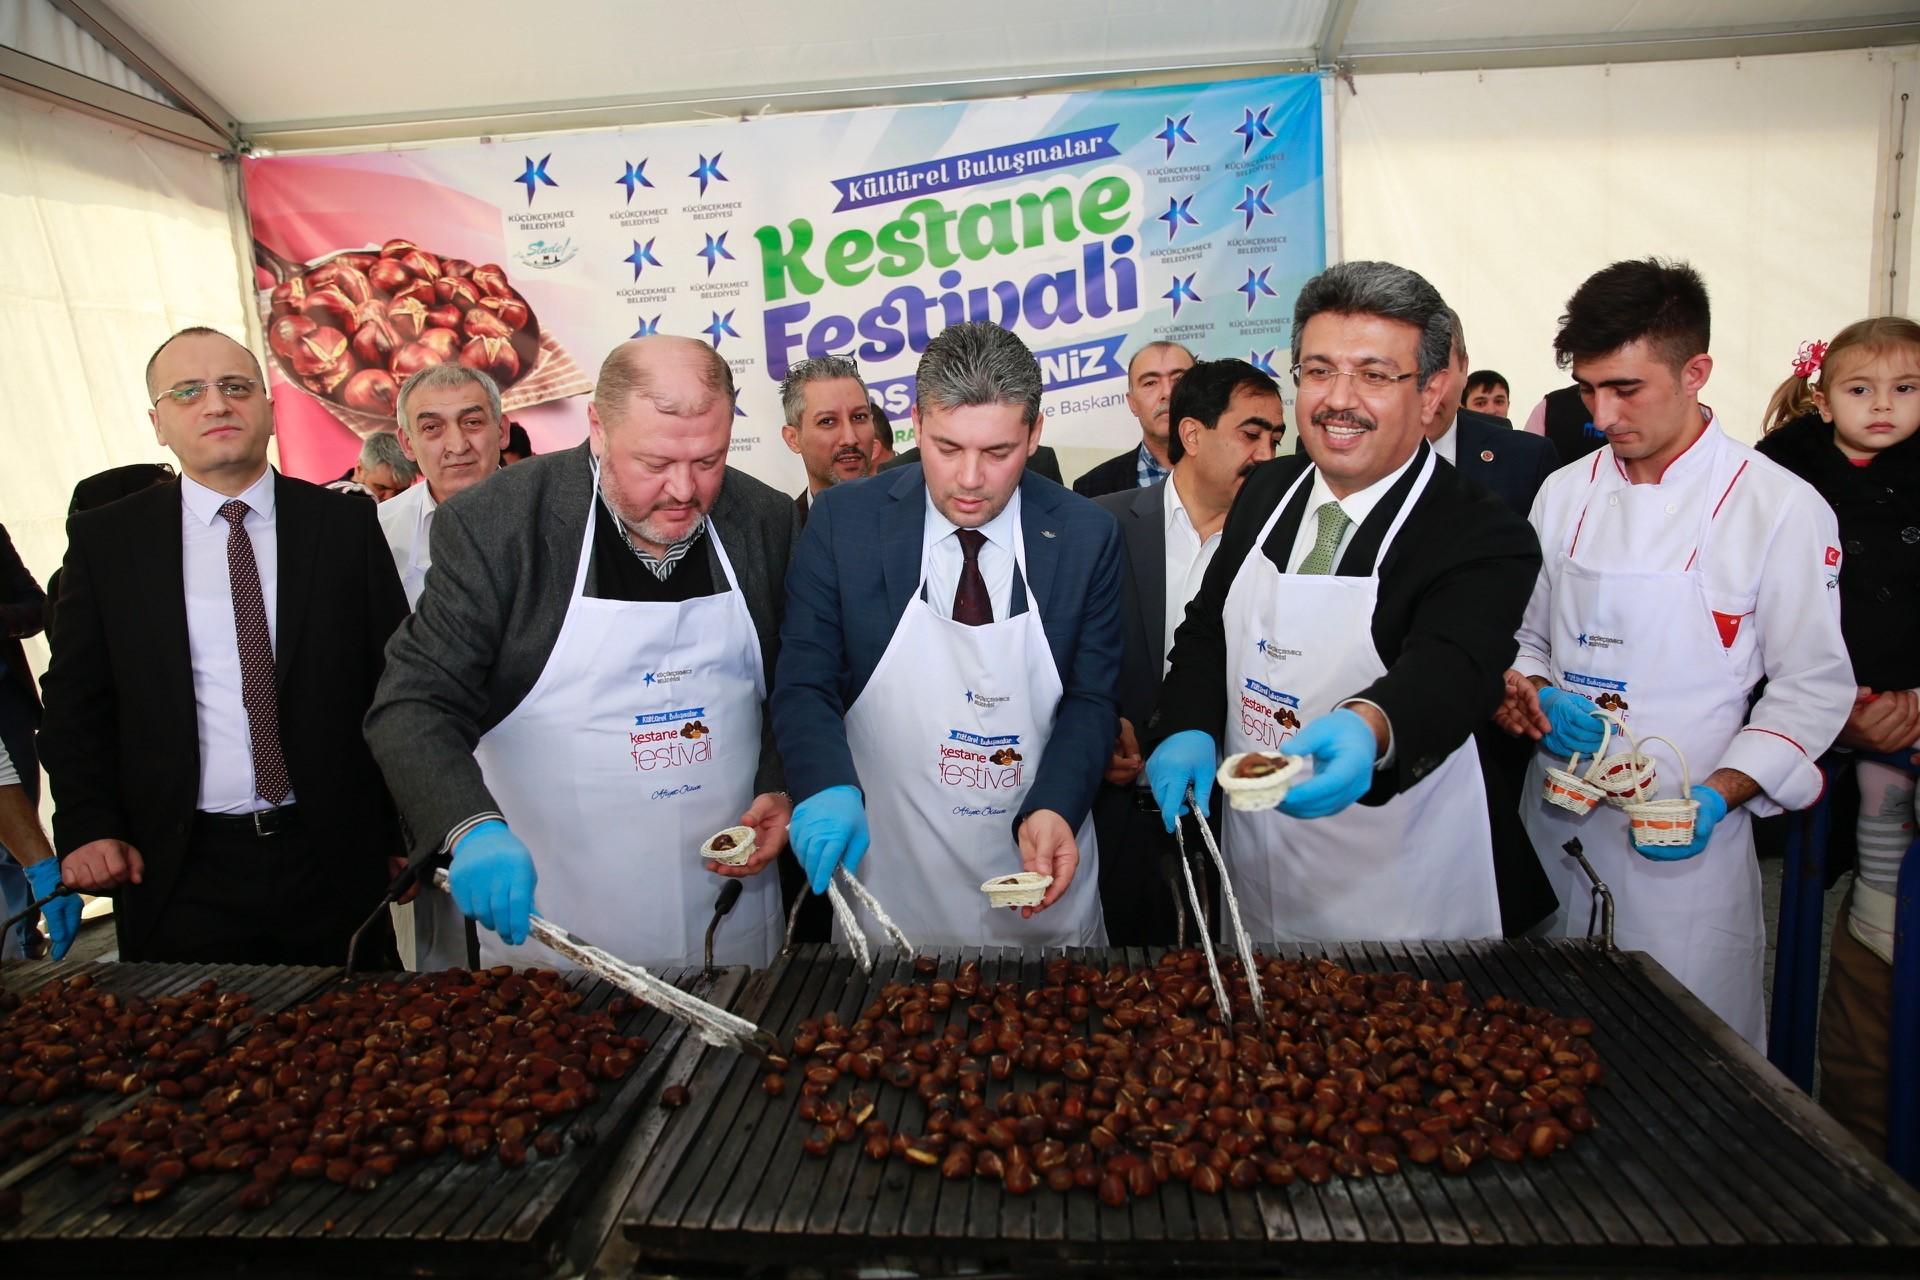 FESTİVALDE 2 TON KESTANE İKRAM EDİLDİ